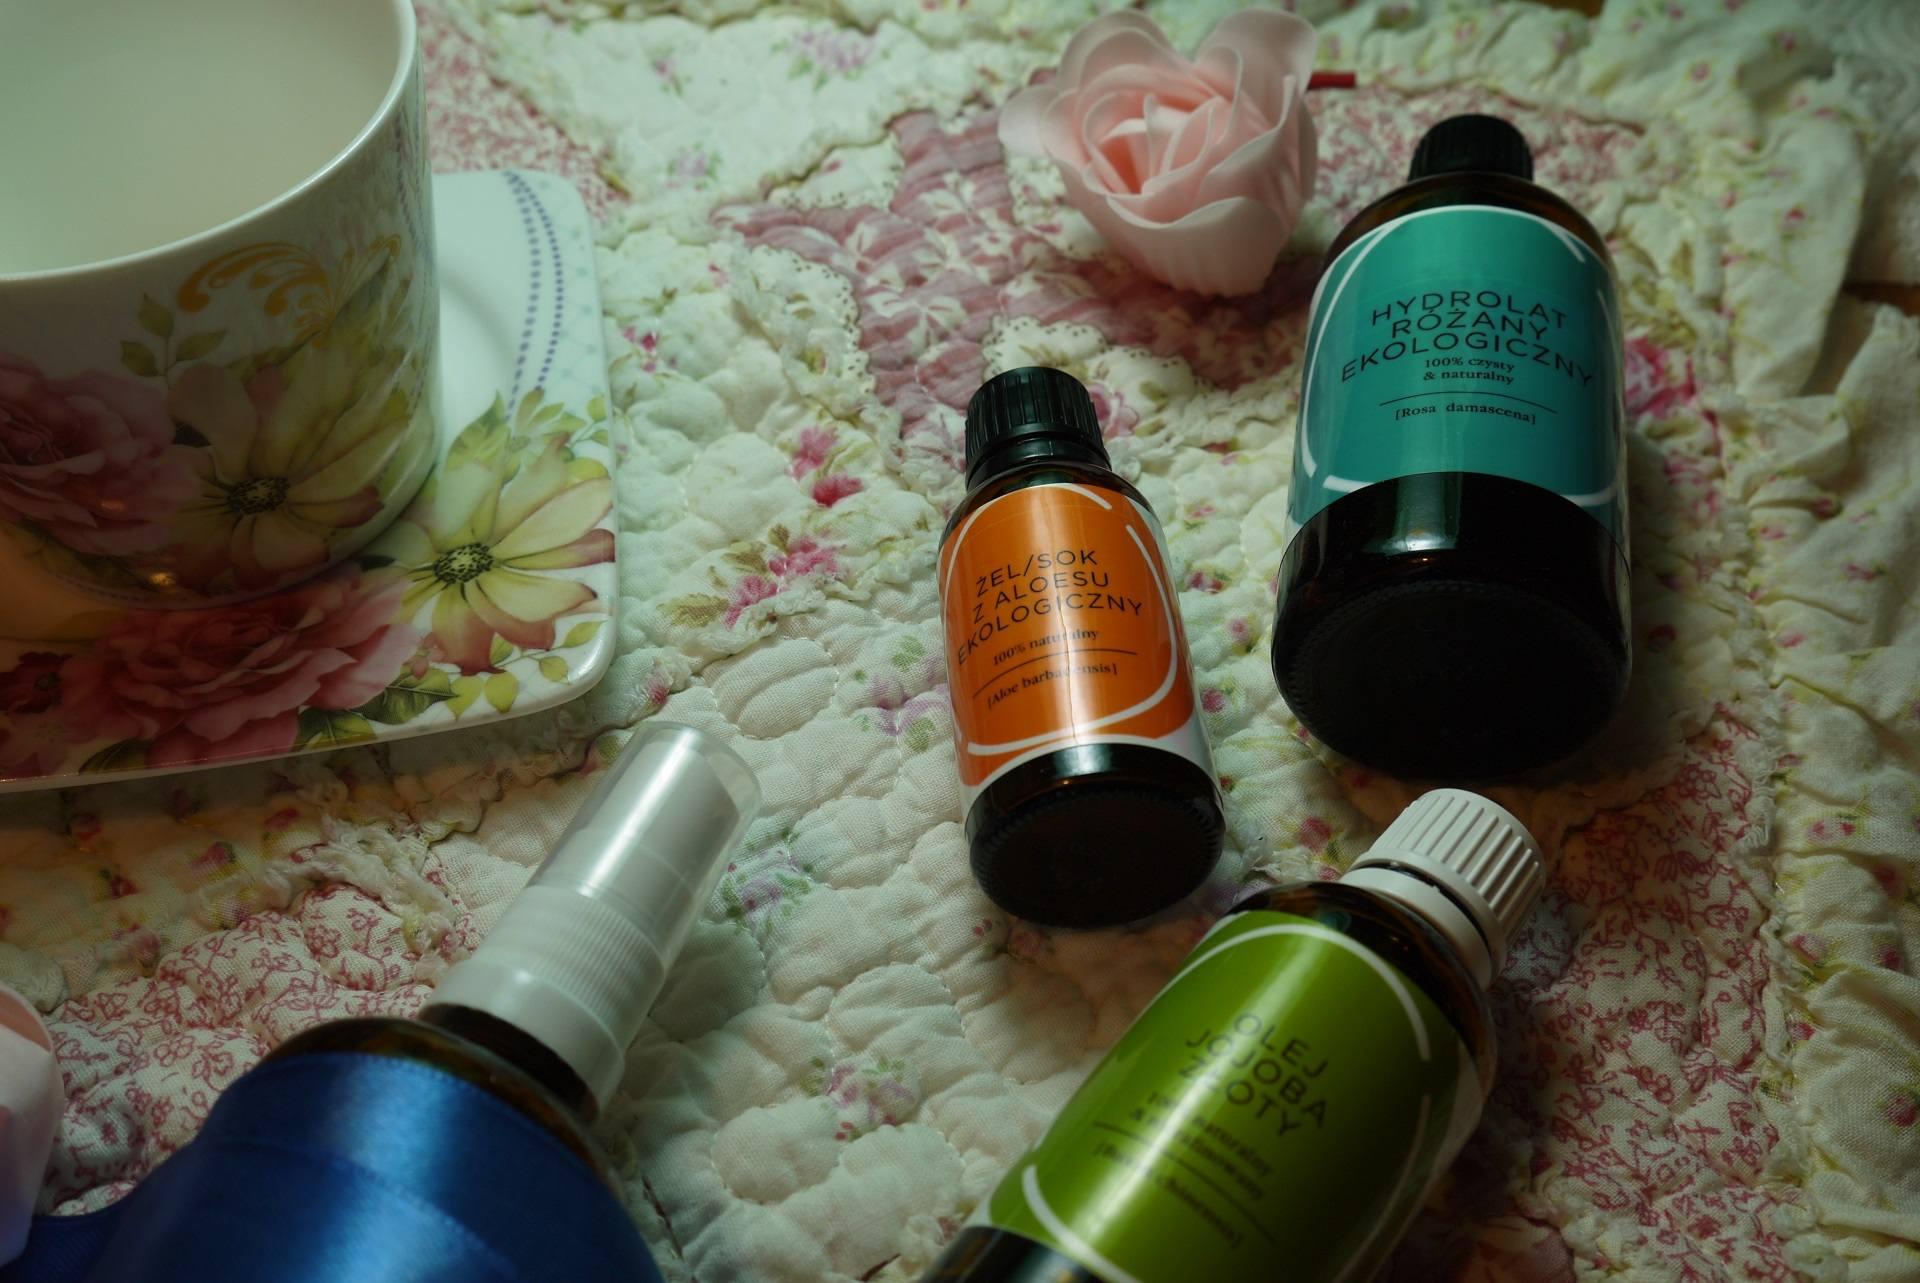 mgiełka do włosów z hydrolatem rózanym, aloesem i olejem jojoba